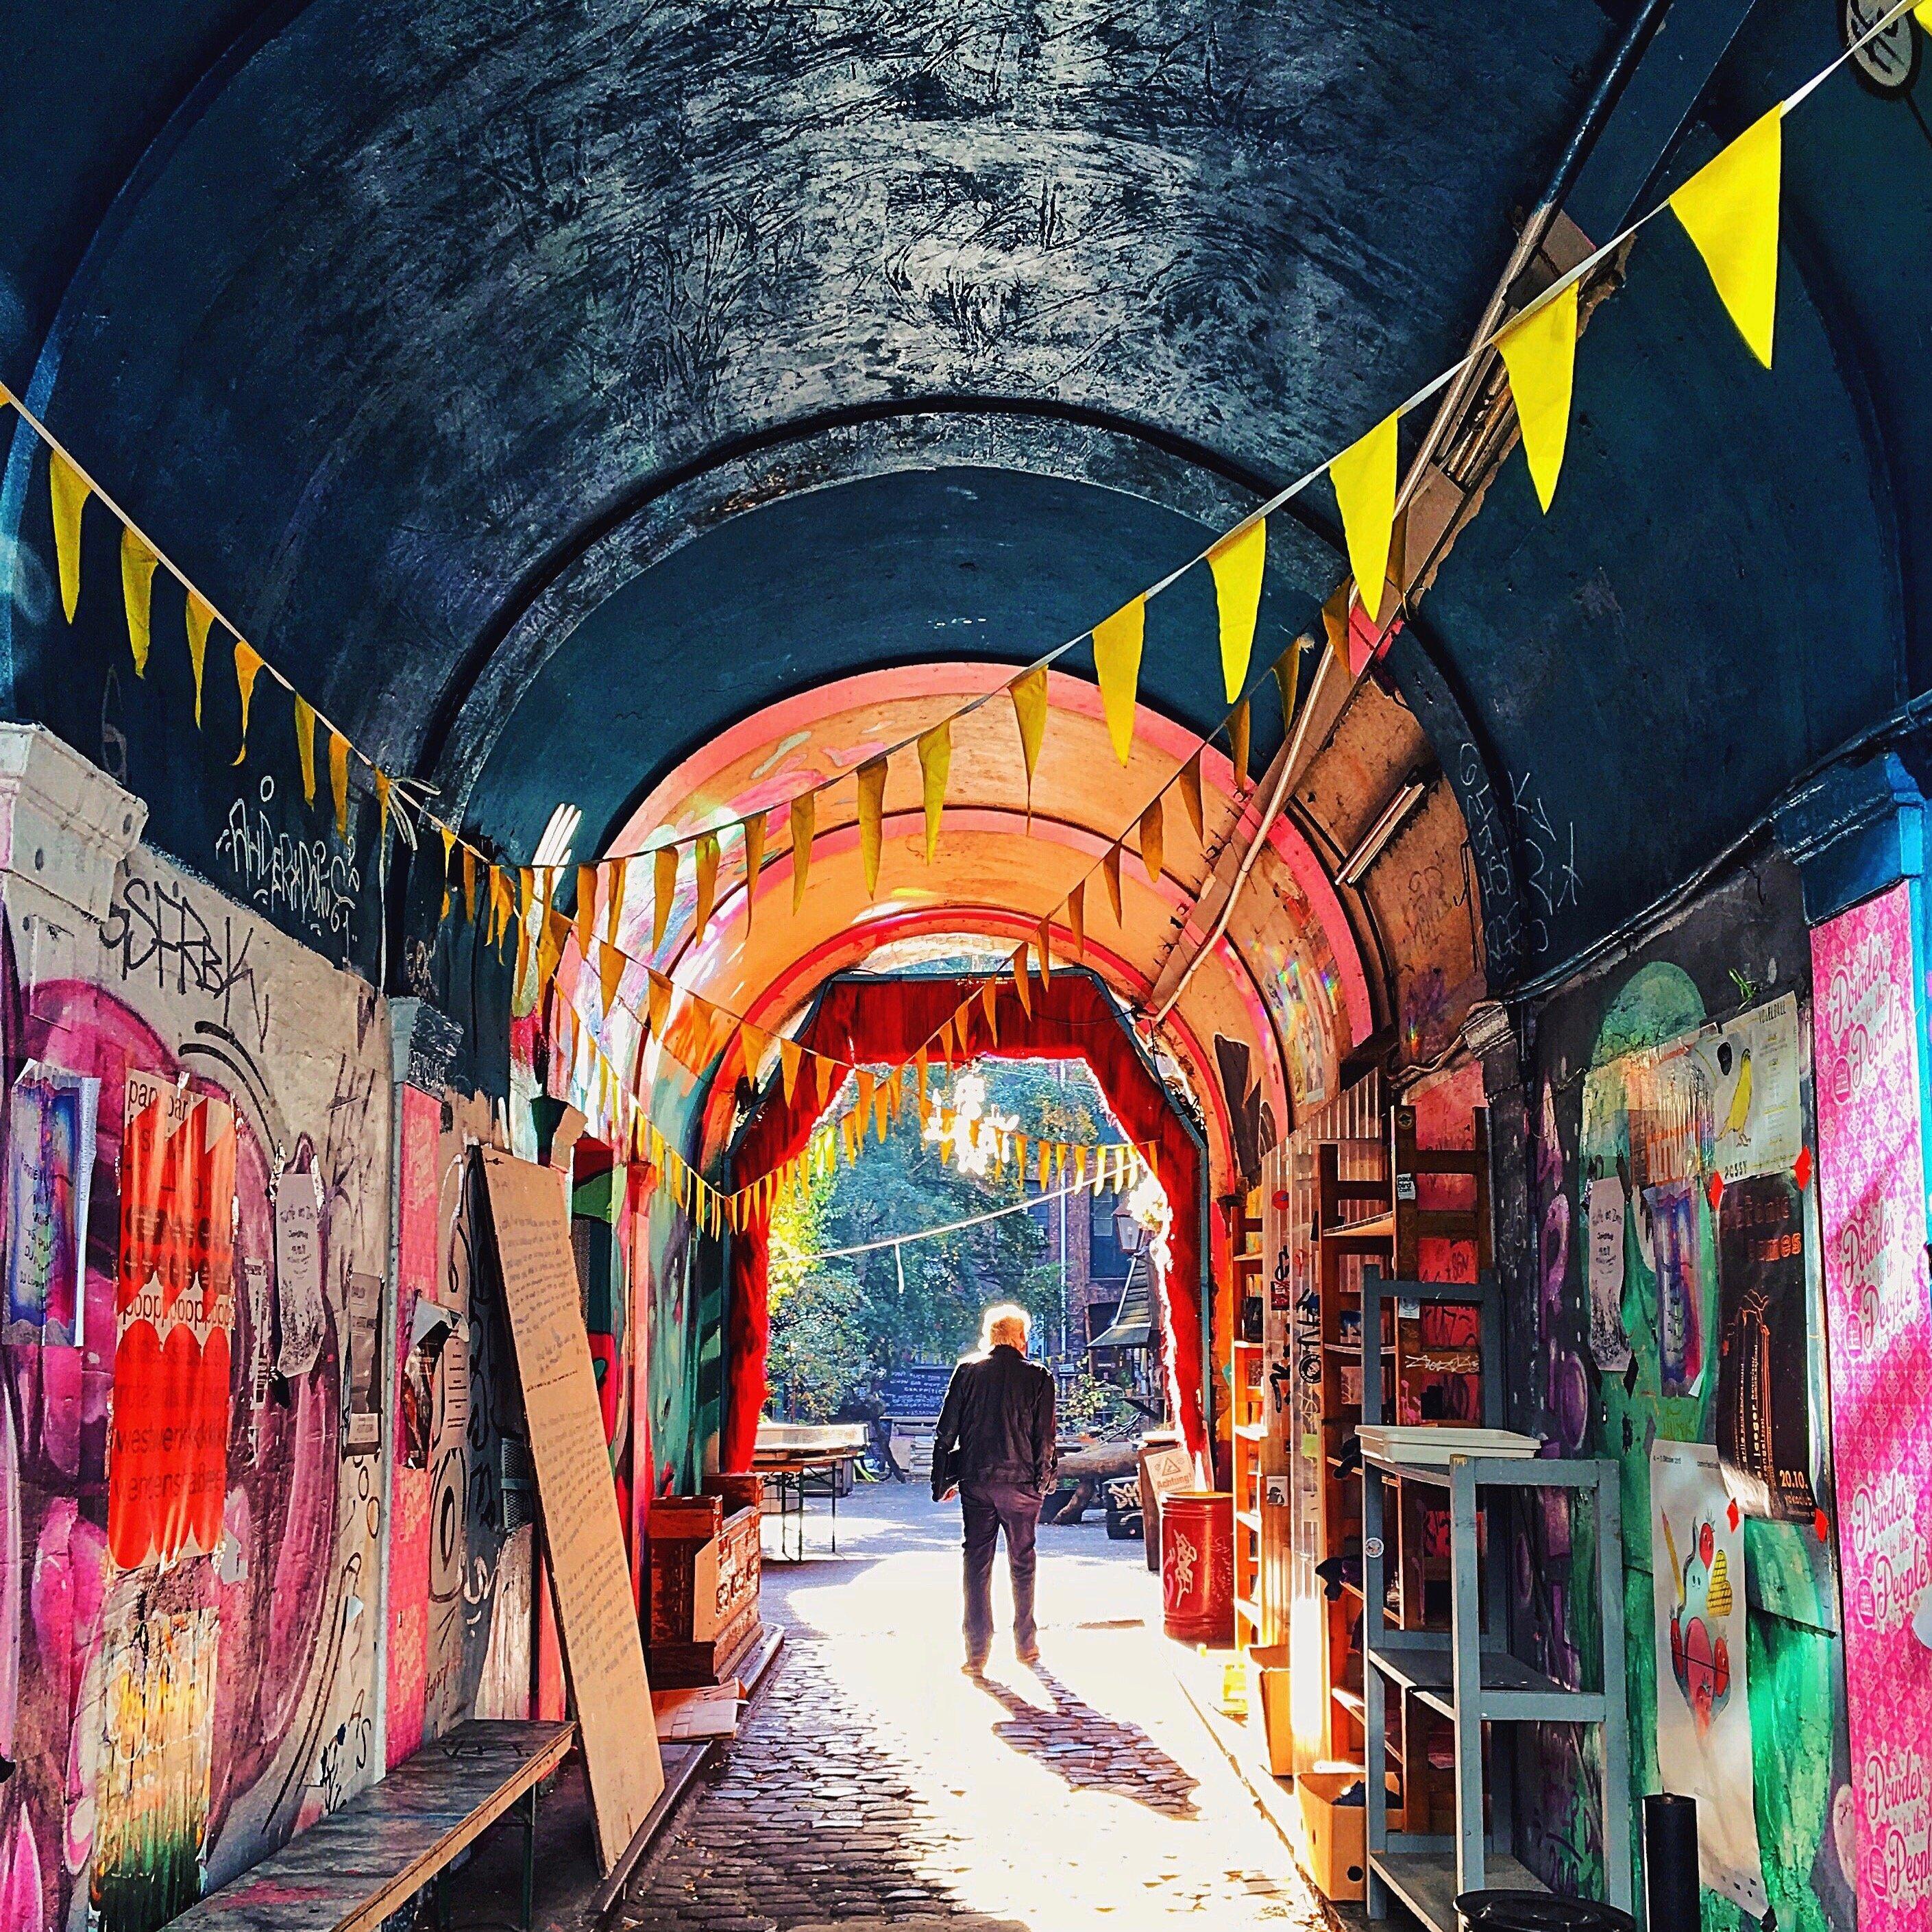 Ein Bunter Streetart Tunnel, Der In Das Hamburger Gängeviertel Führt